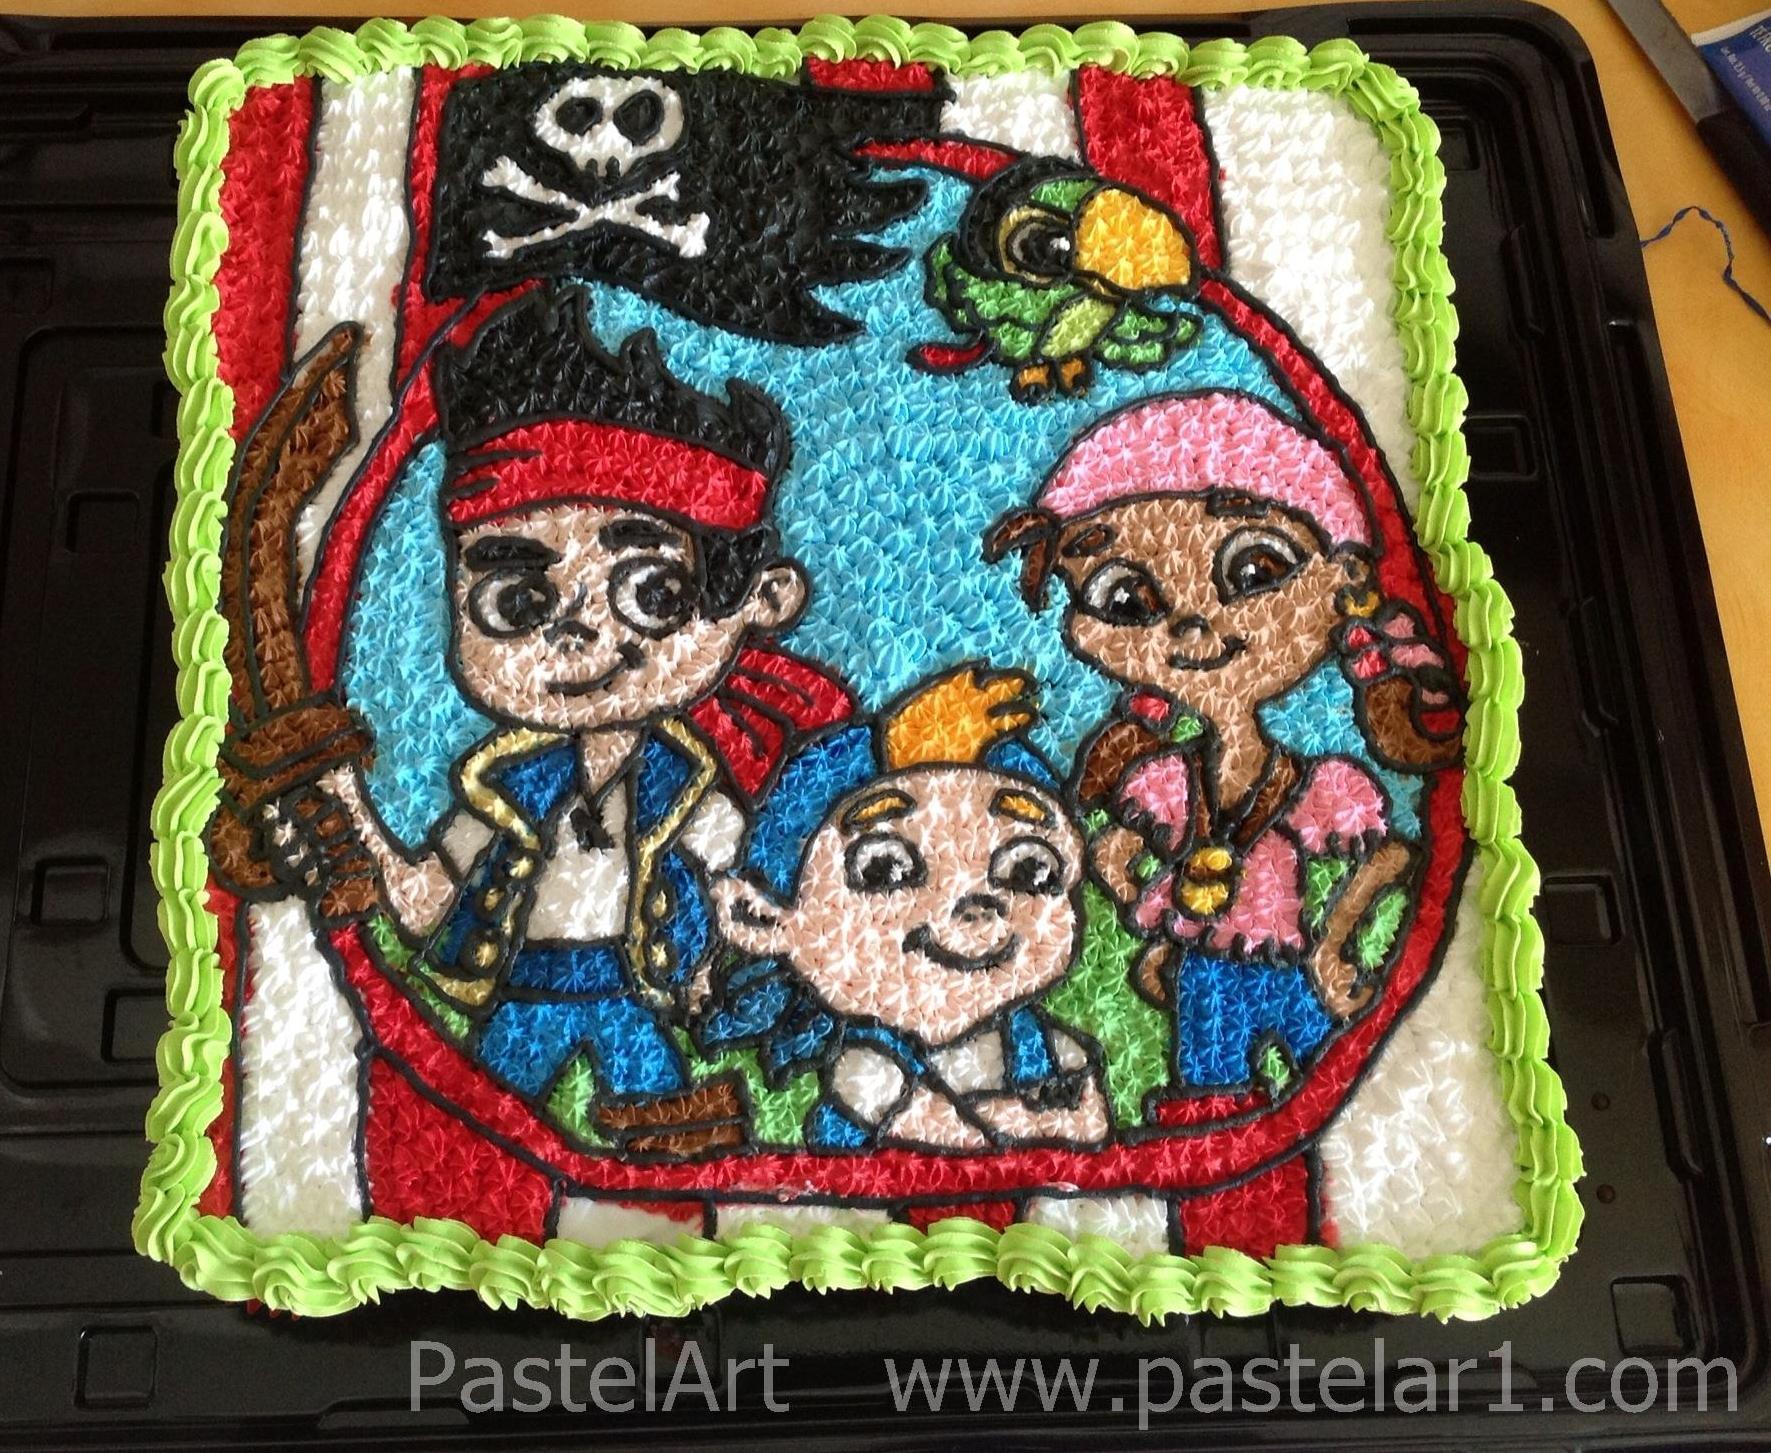 Jake y los piratas bet 250 n pastelart